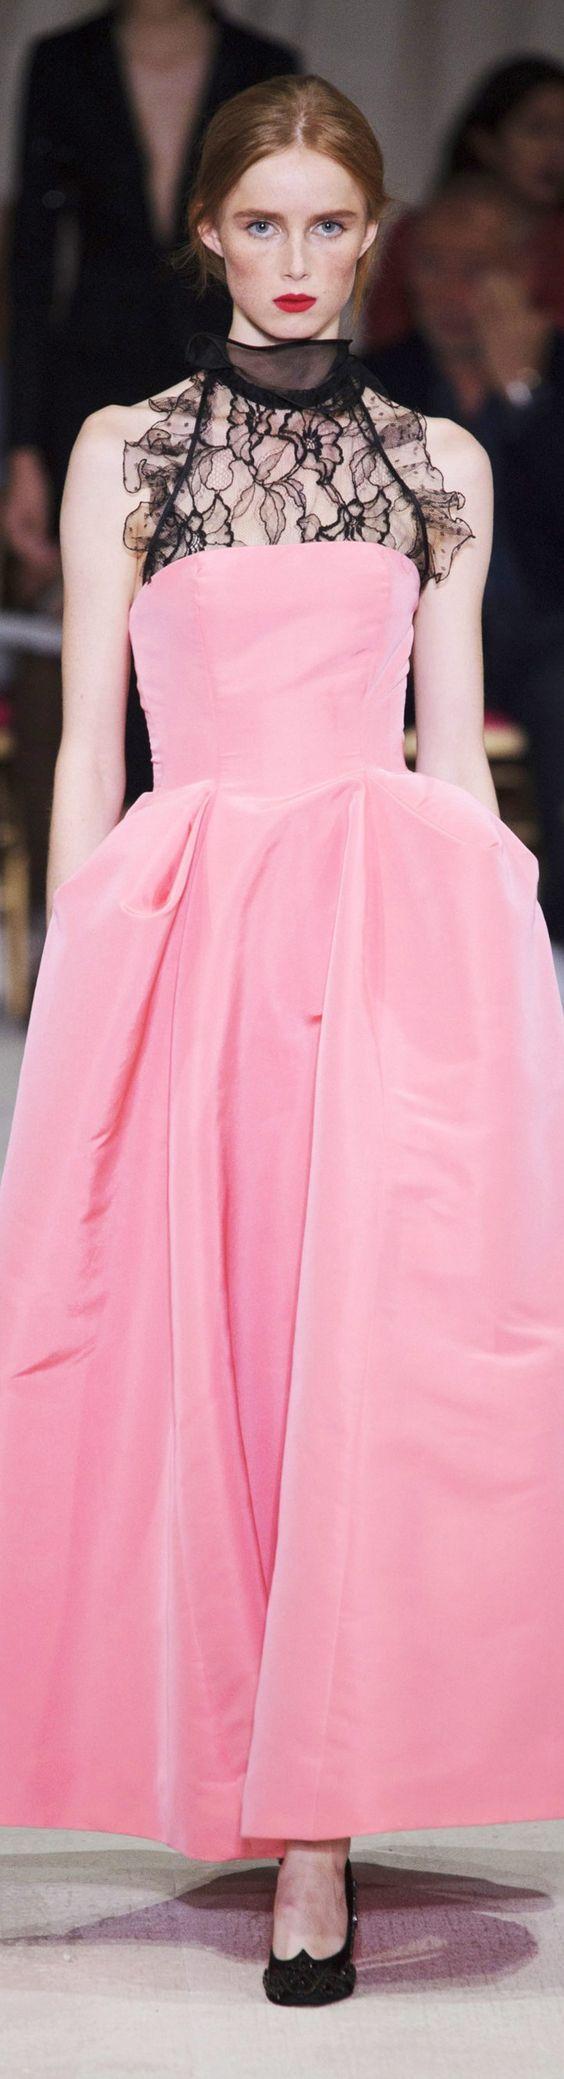 Oscar de la Renta Spring 2016 | dresses | Pinterest | Oscar de la ...